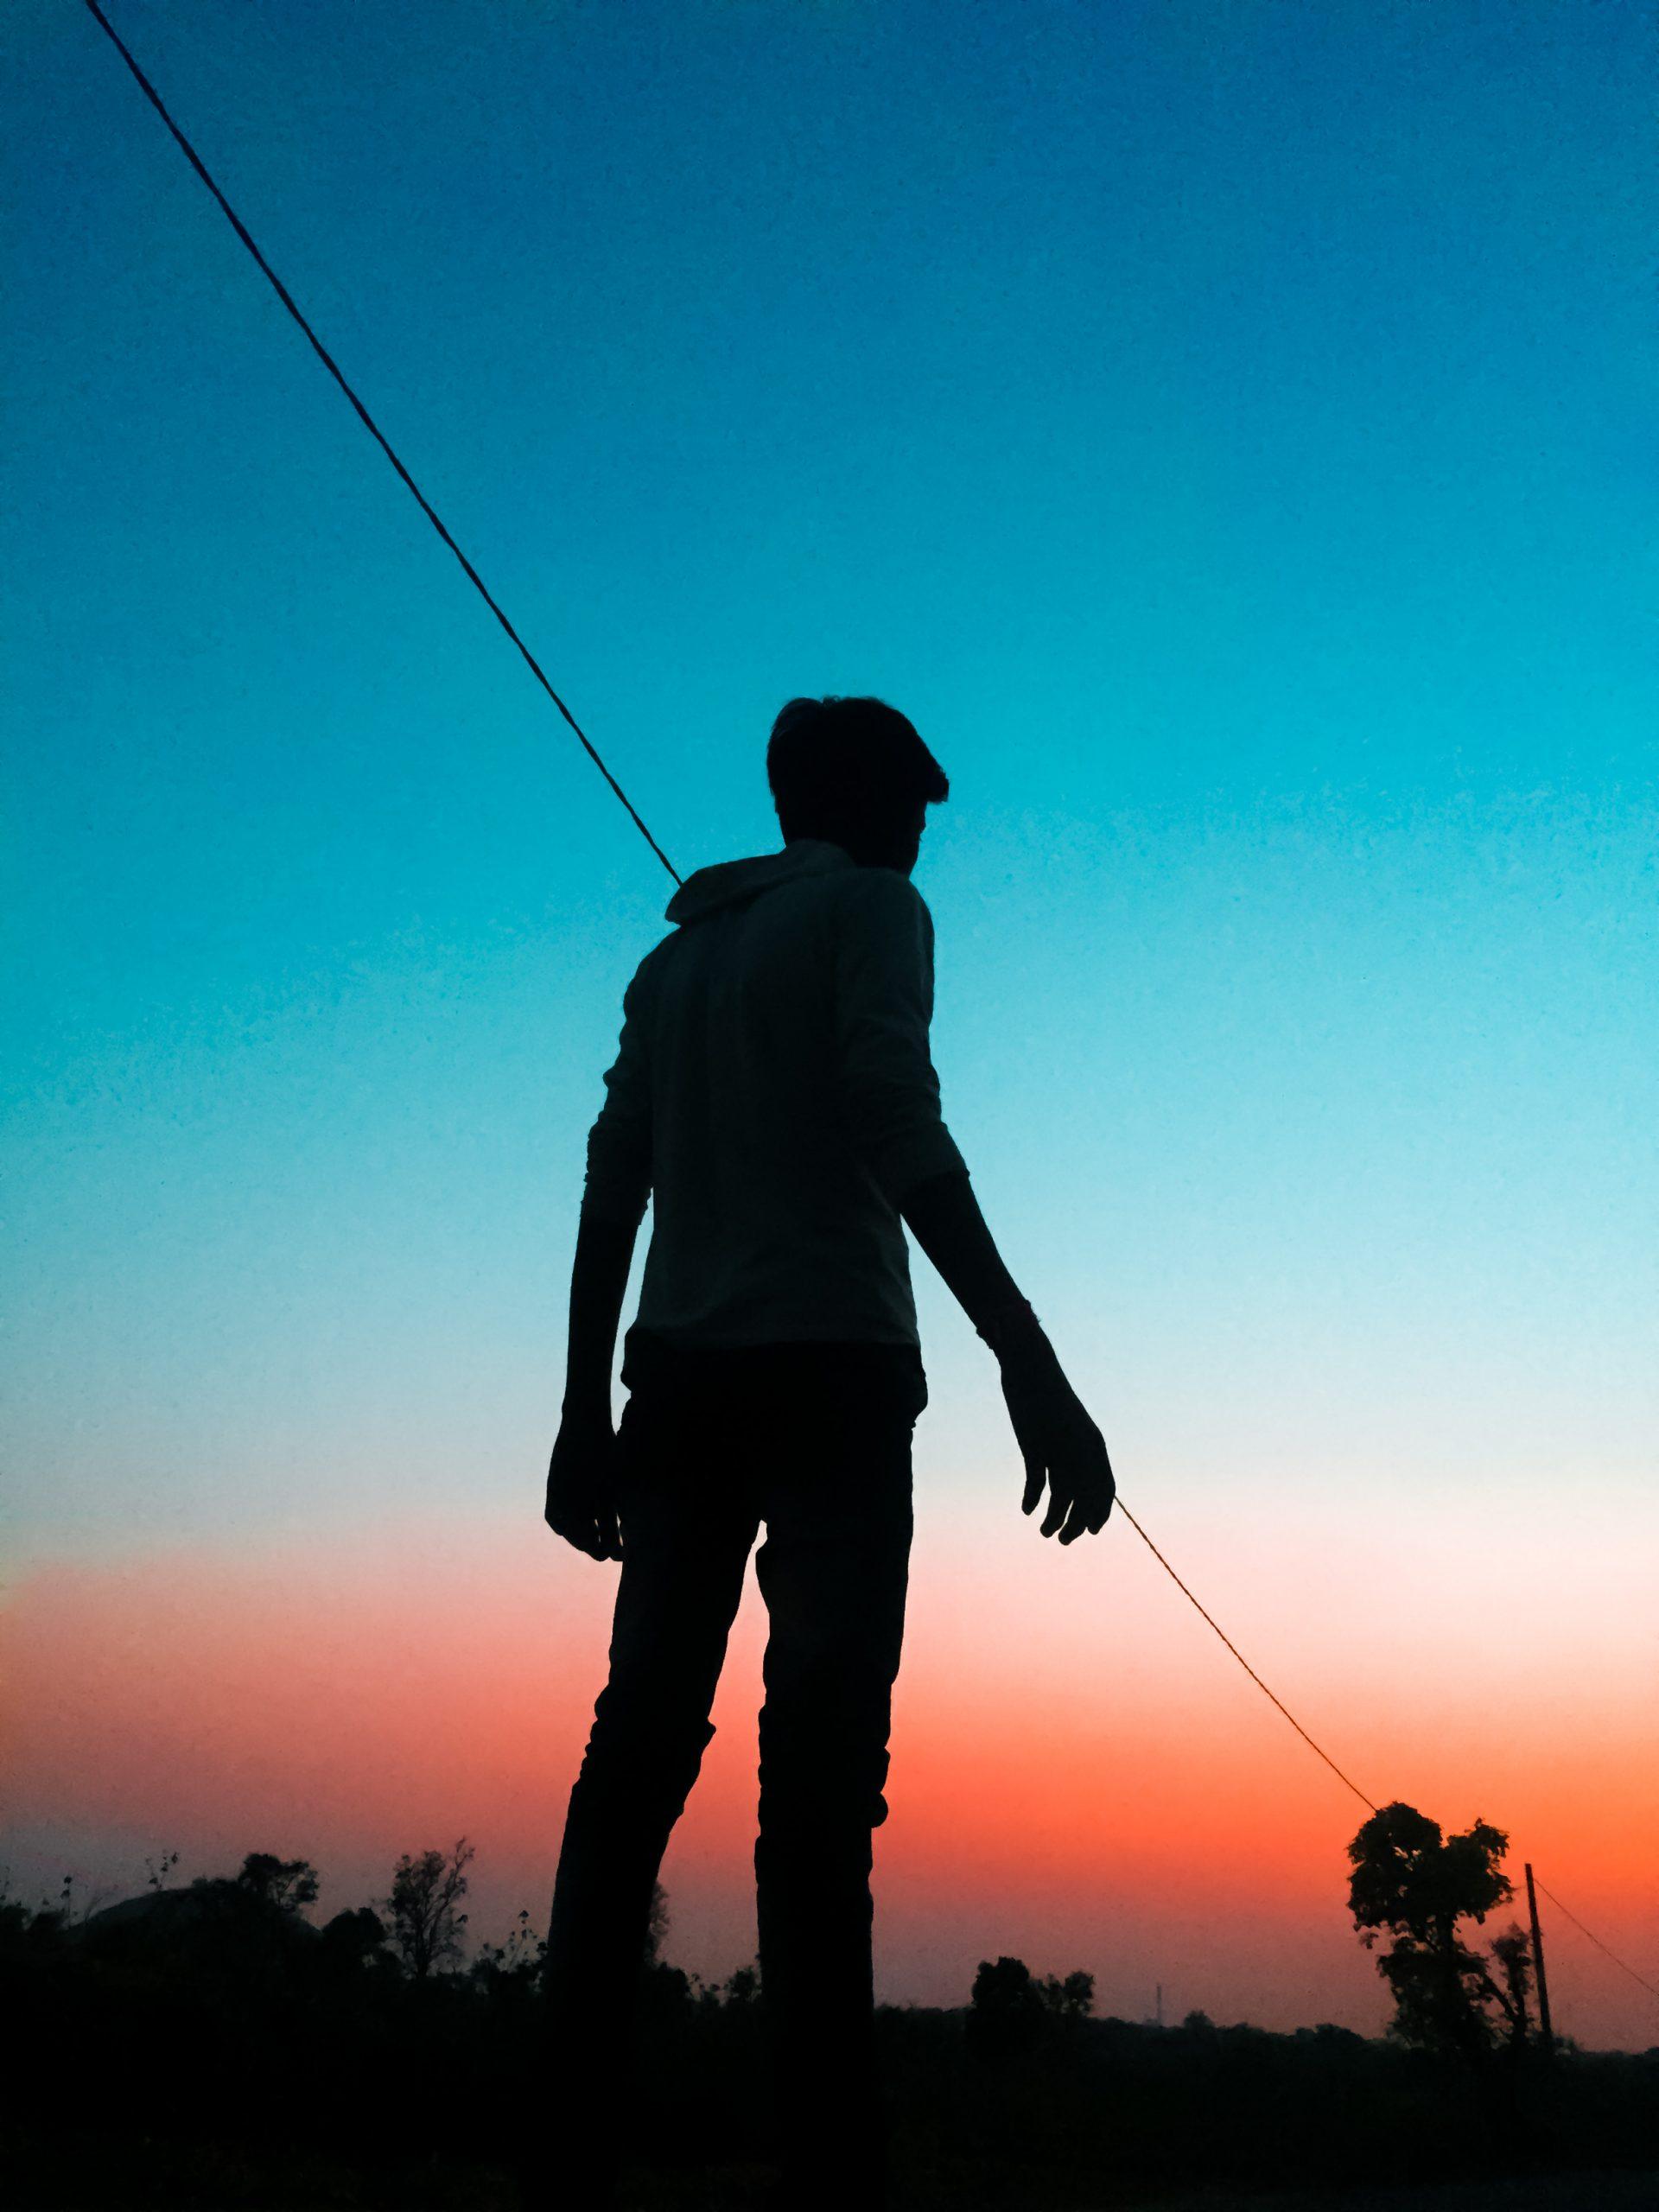 Boy in silhouette